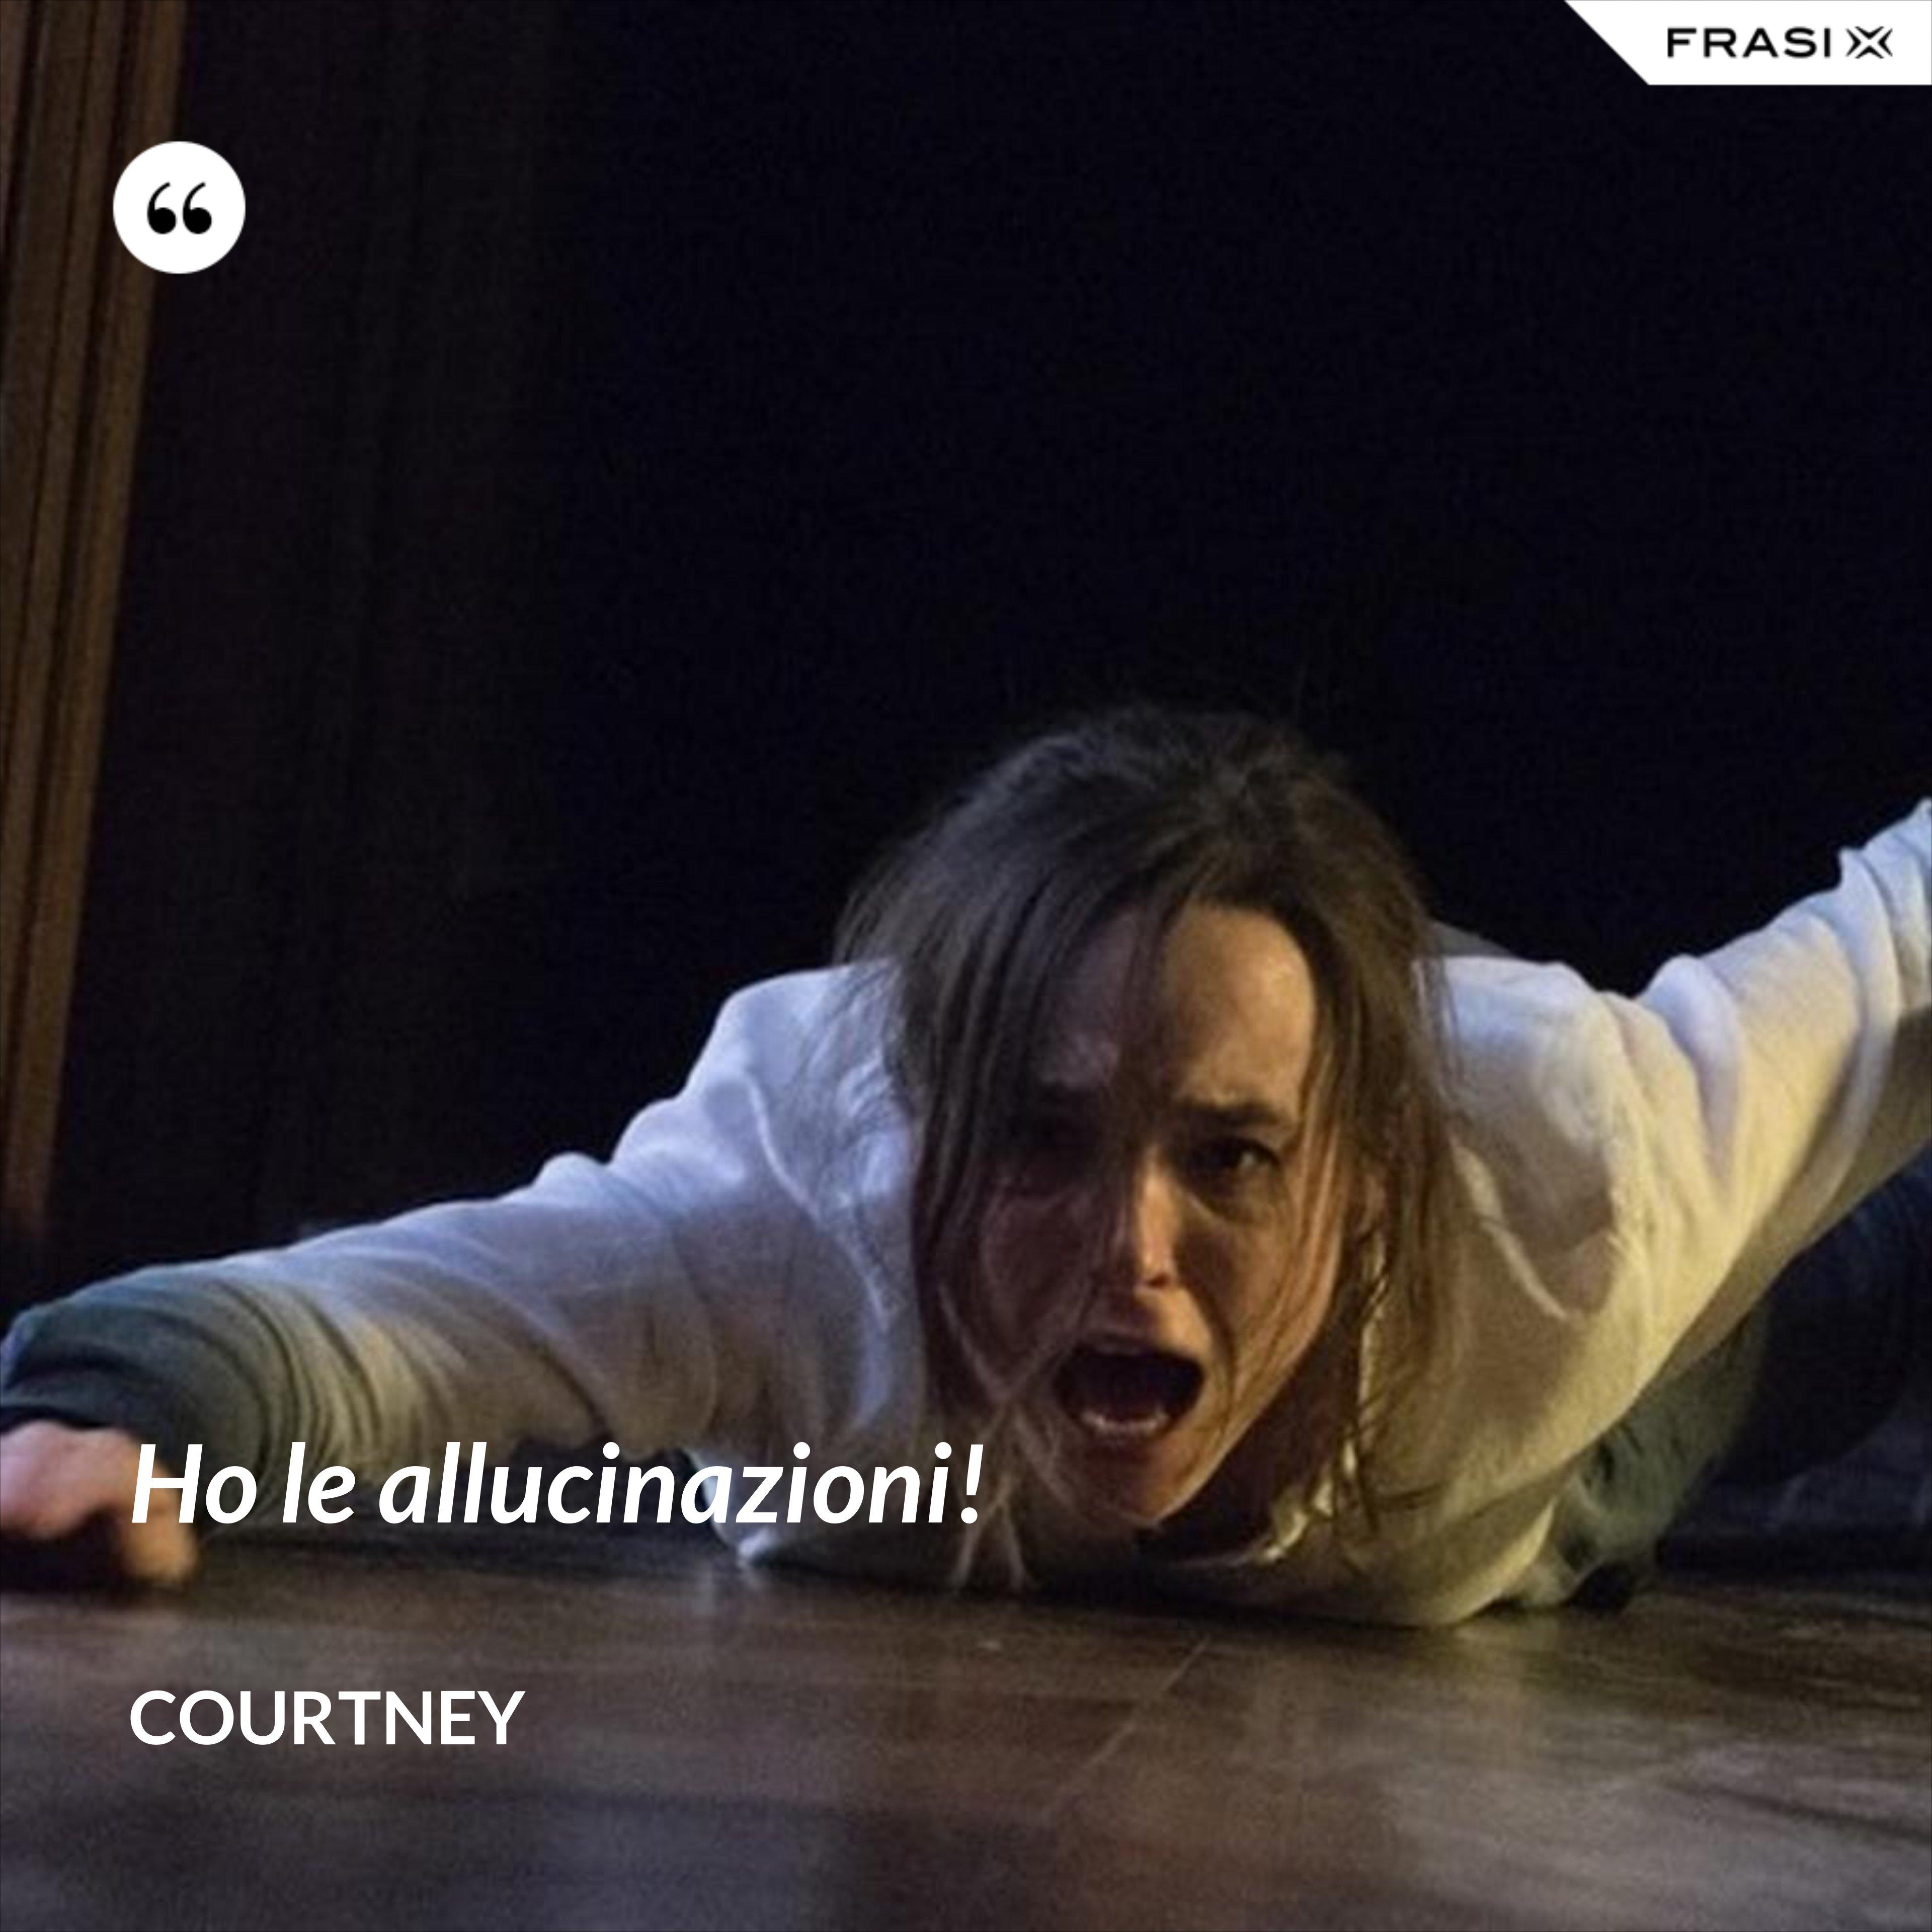 Ho le allucinazioni! - Courtney